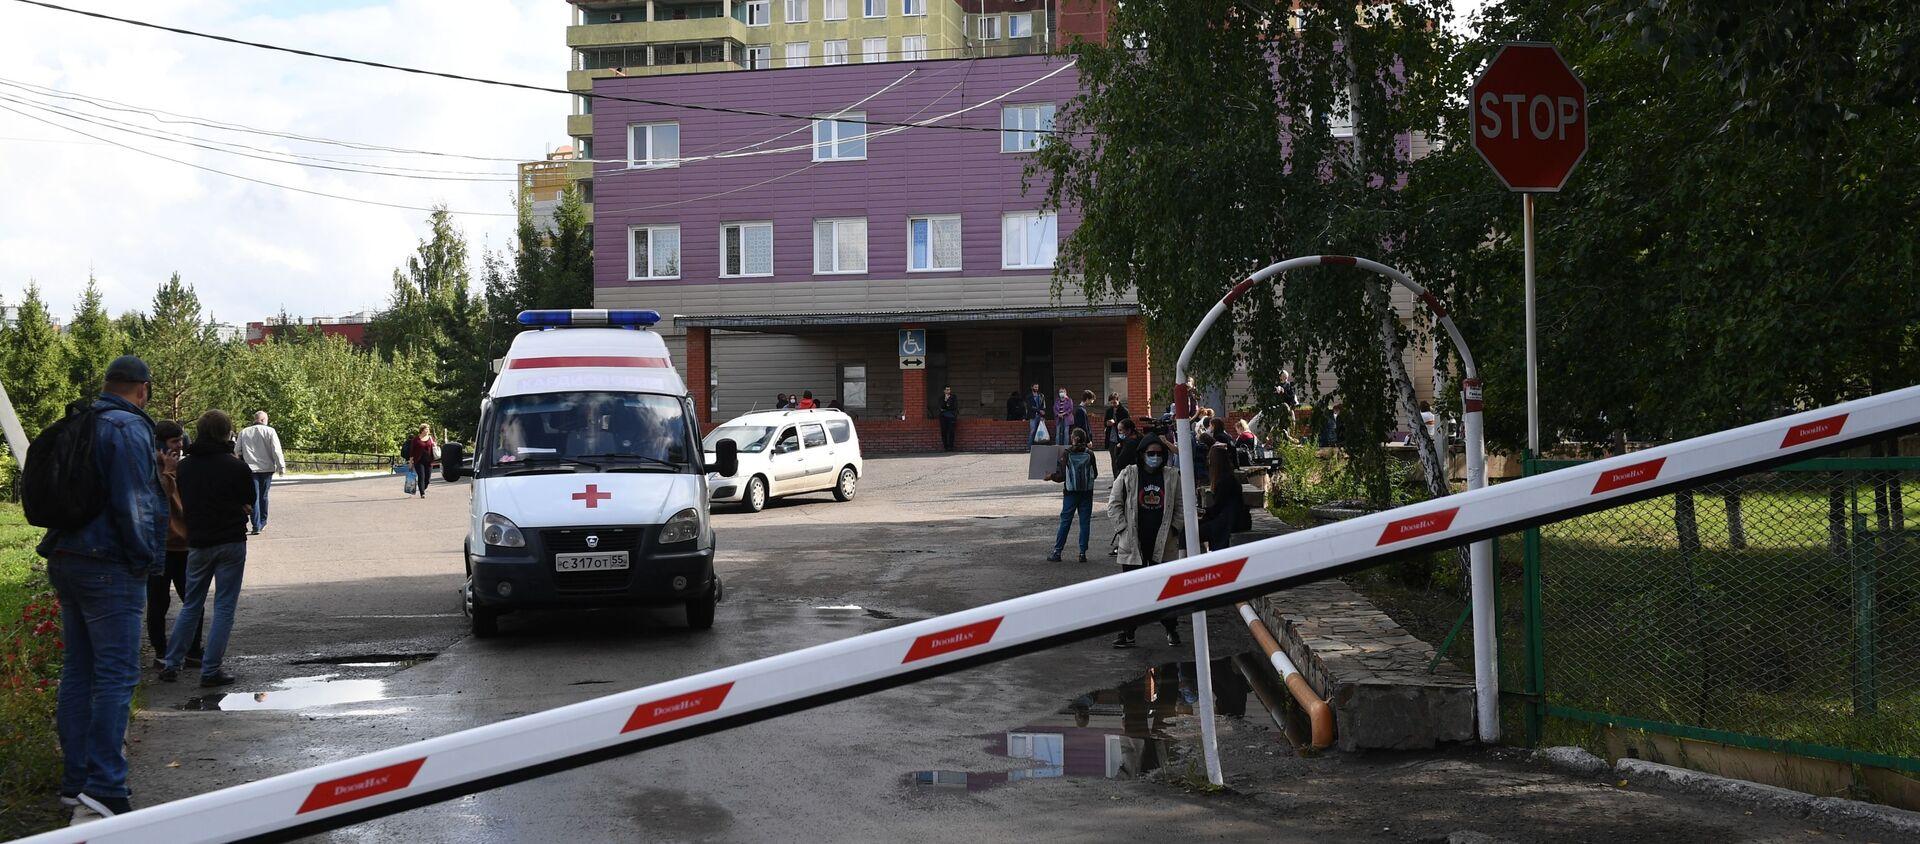 Karetka pogotowia przed Szpitalem Ratunkowym Nr 1 w Omsku. - Sputnik Polska, 1920, 10.05.2021